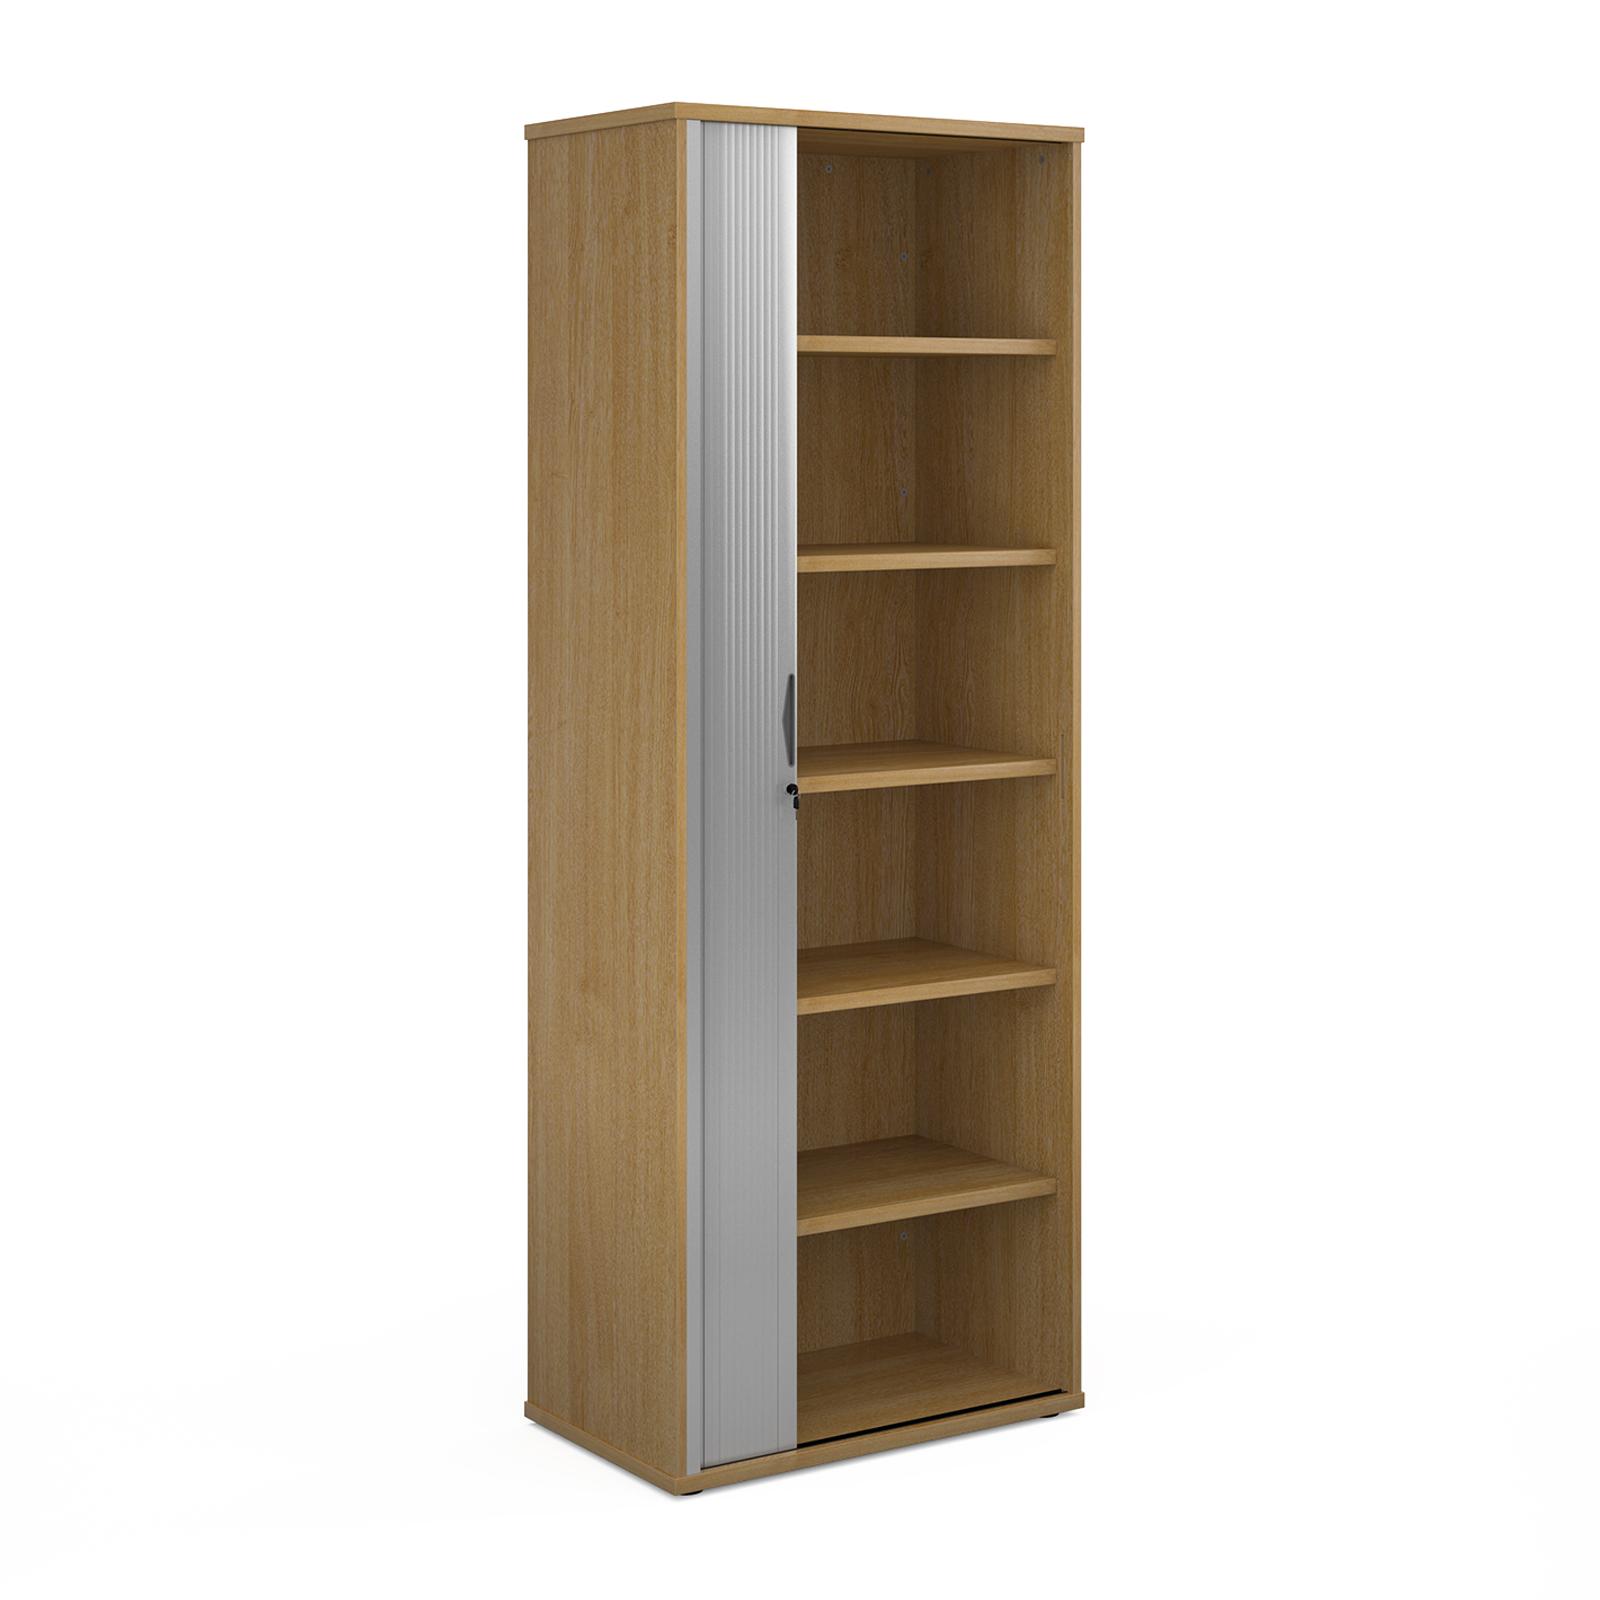 Universal single door tambour cupboard 2140mm high with 5 shelves - oak with silver door